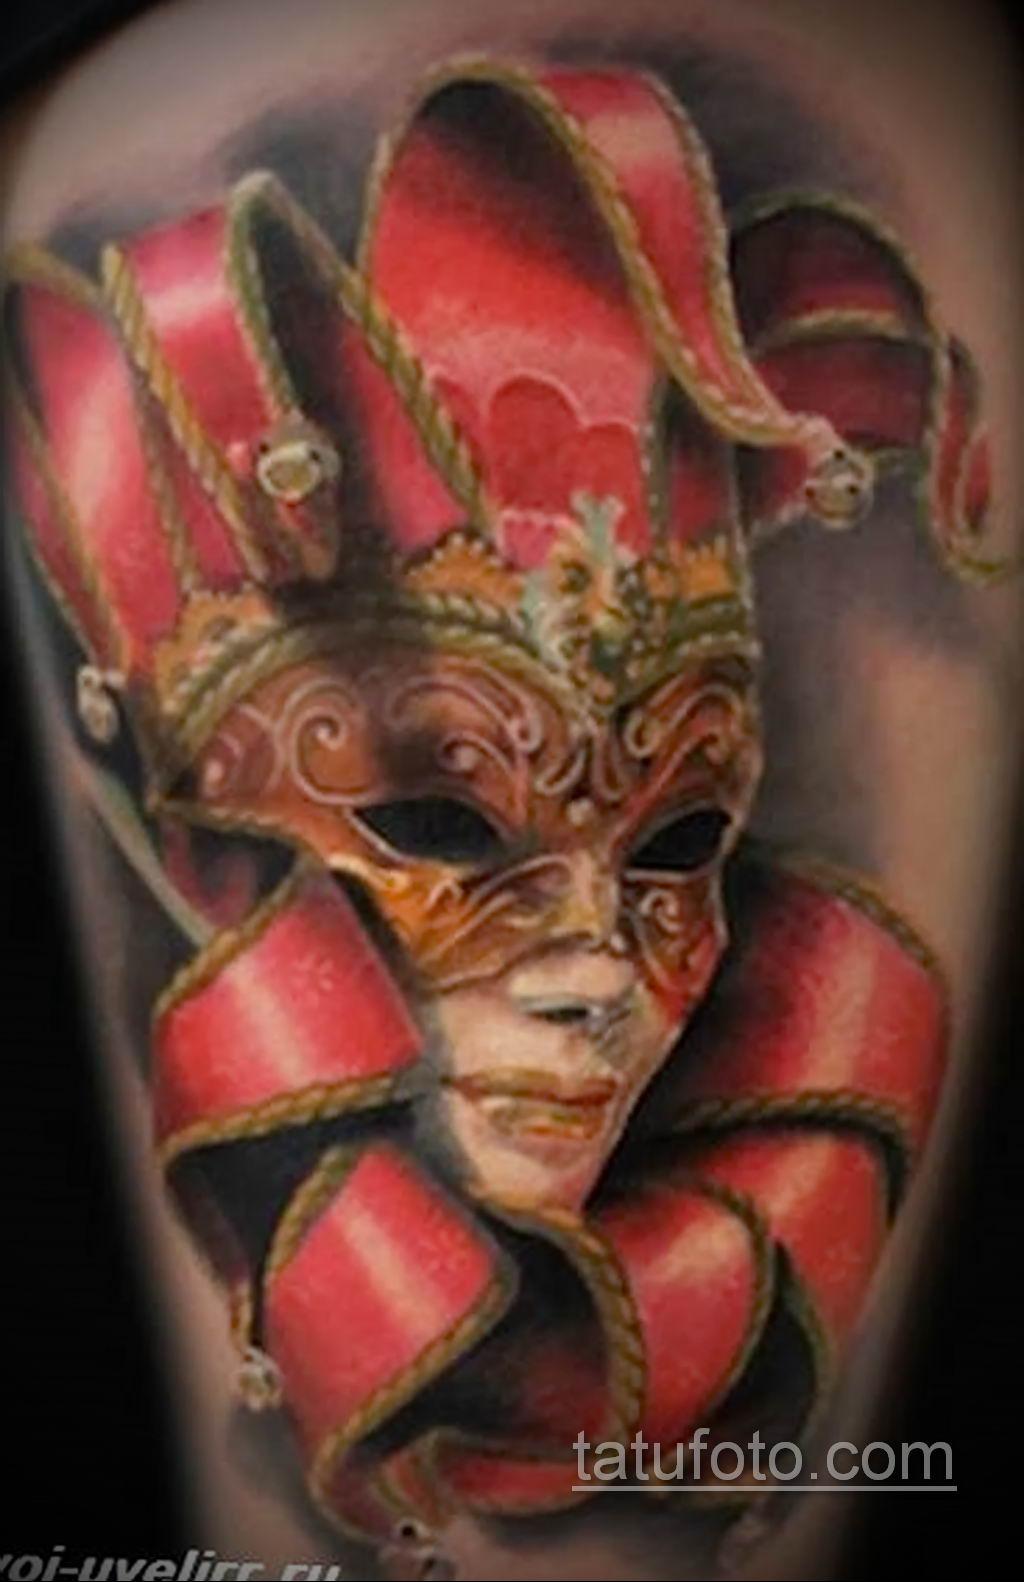 Фото тату театральные маски 09.09.2019 №103 - tattoo theater masks - tatufoto.com